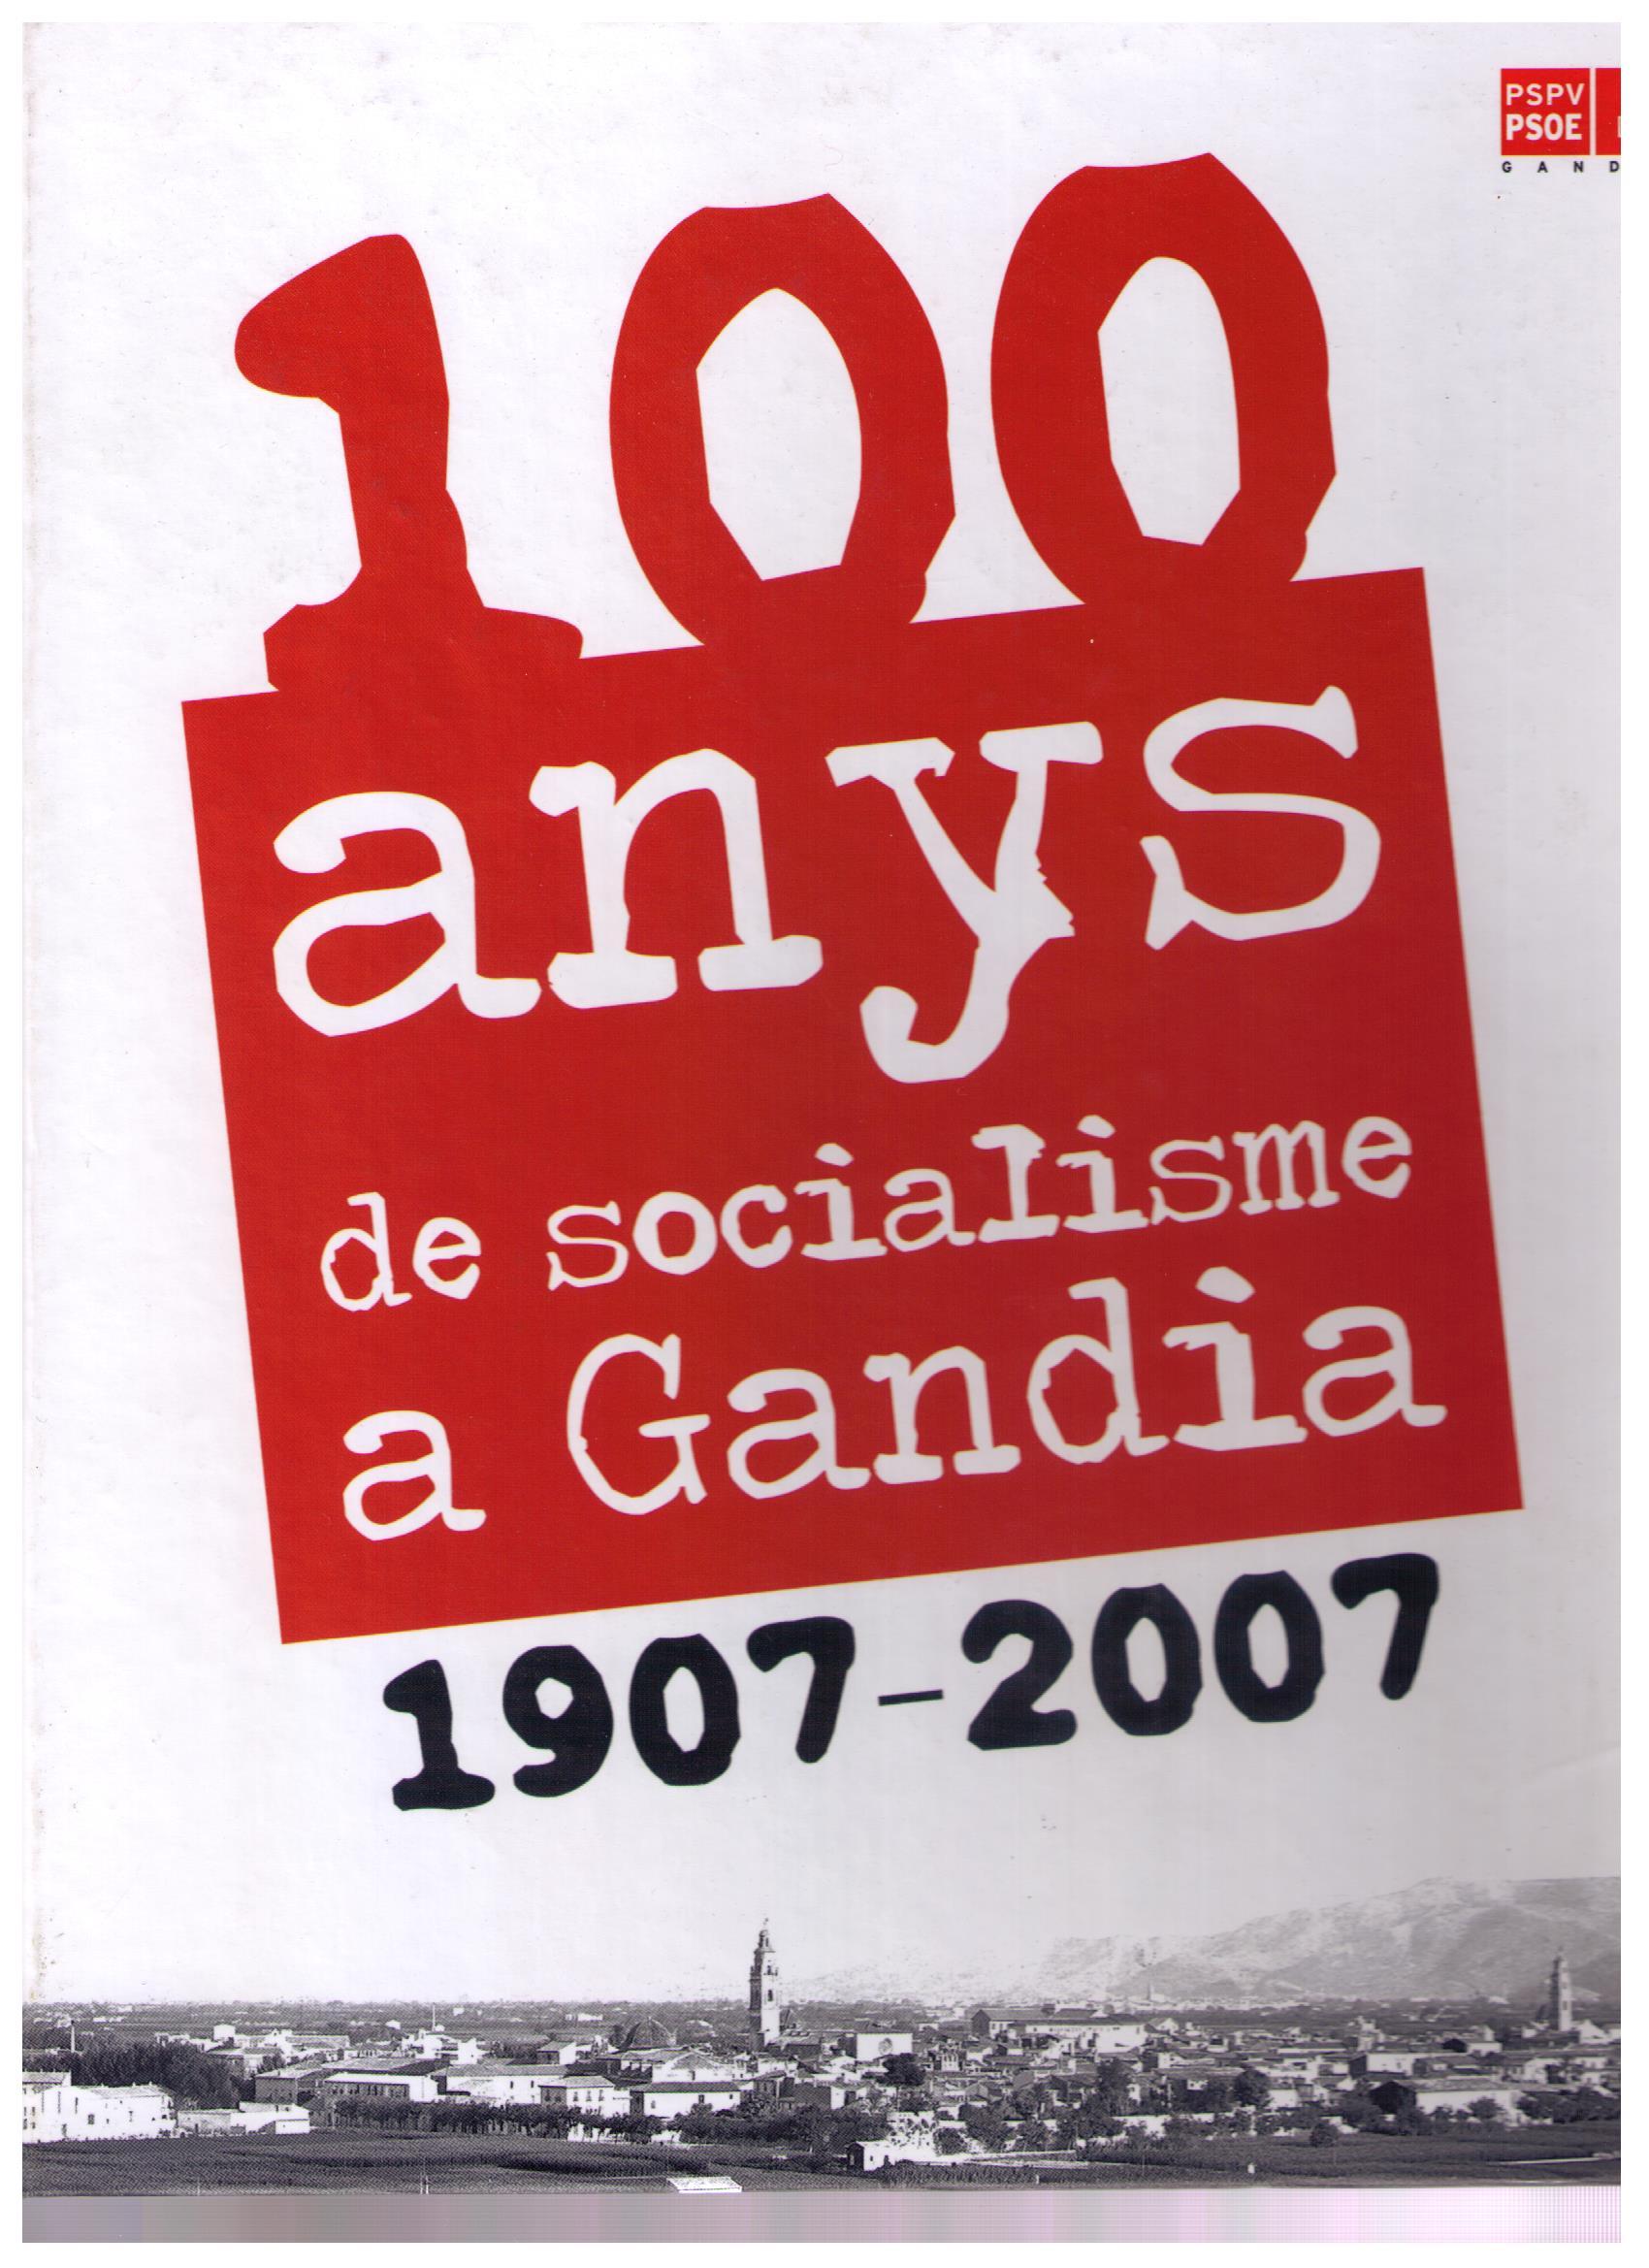 100 anys de socialisme a Gandia